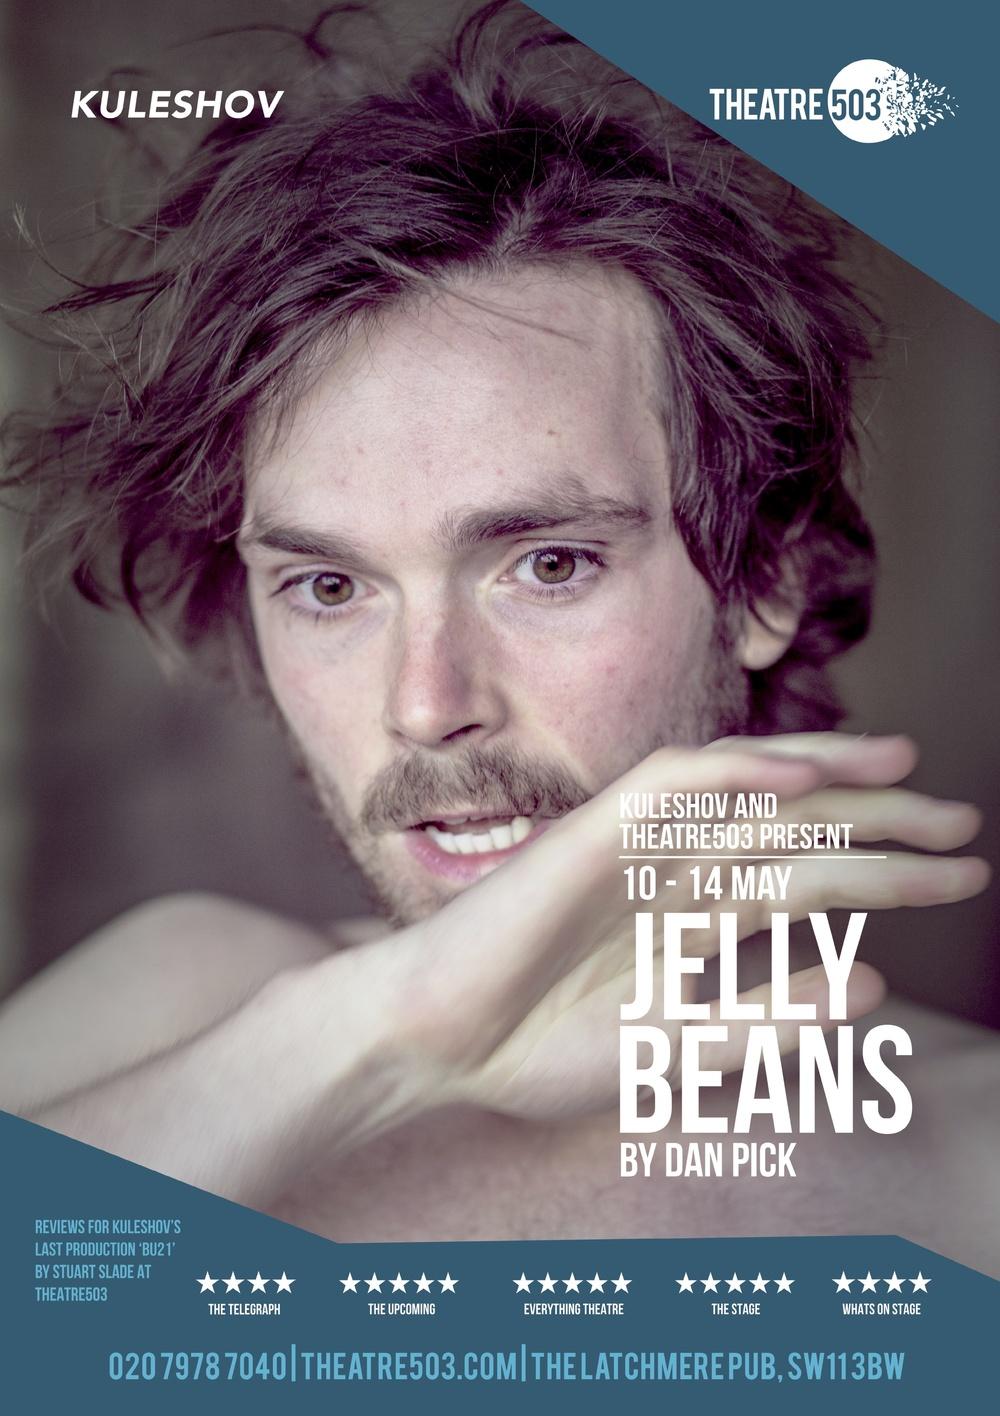 JellyBeansPoster.jpg